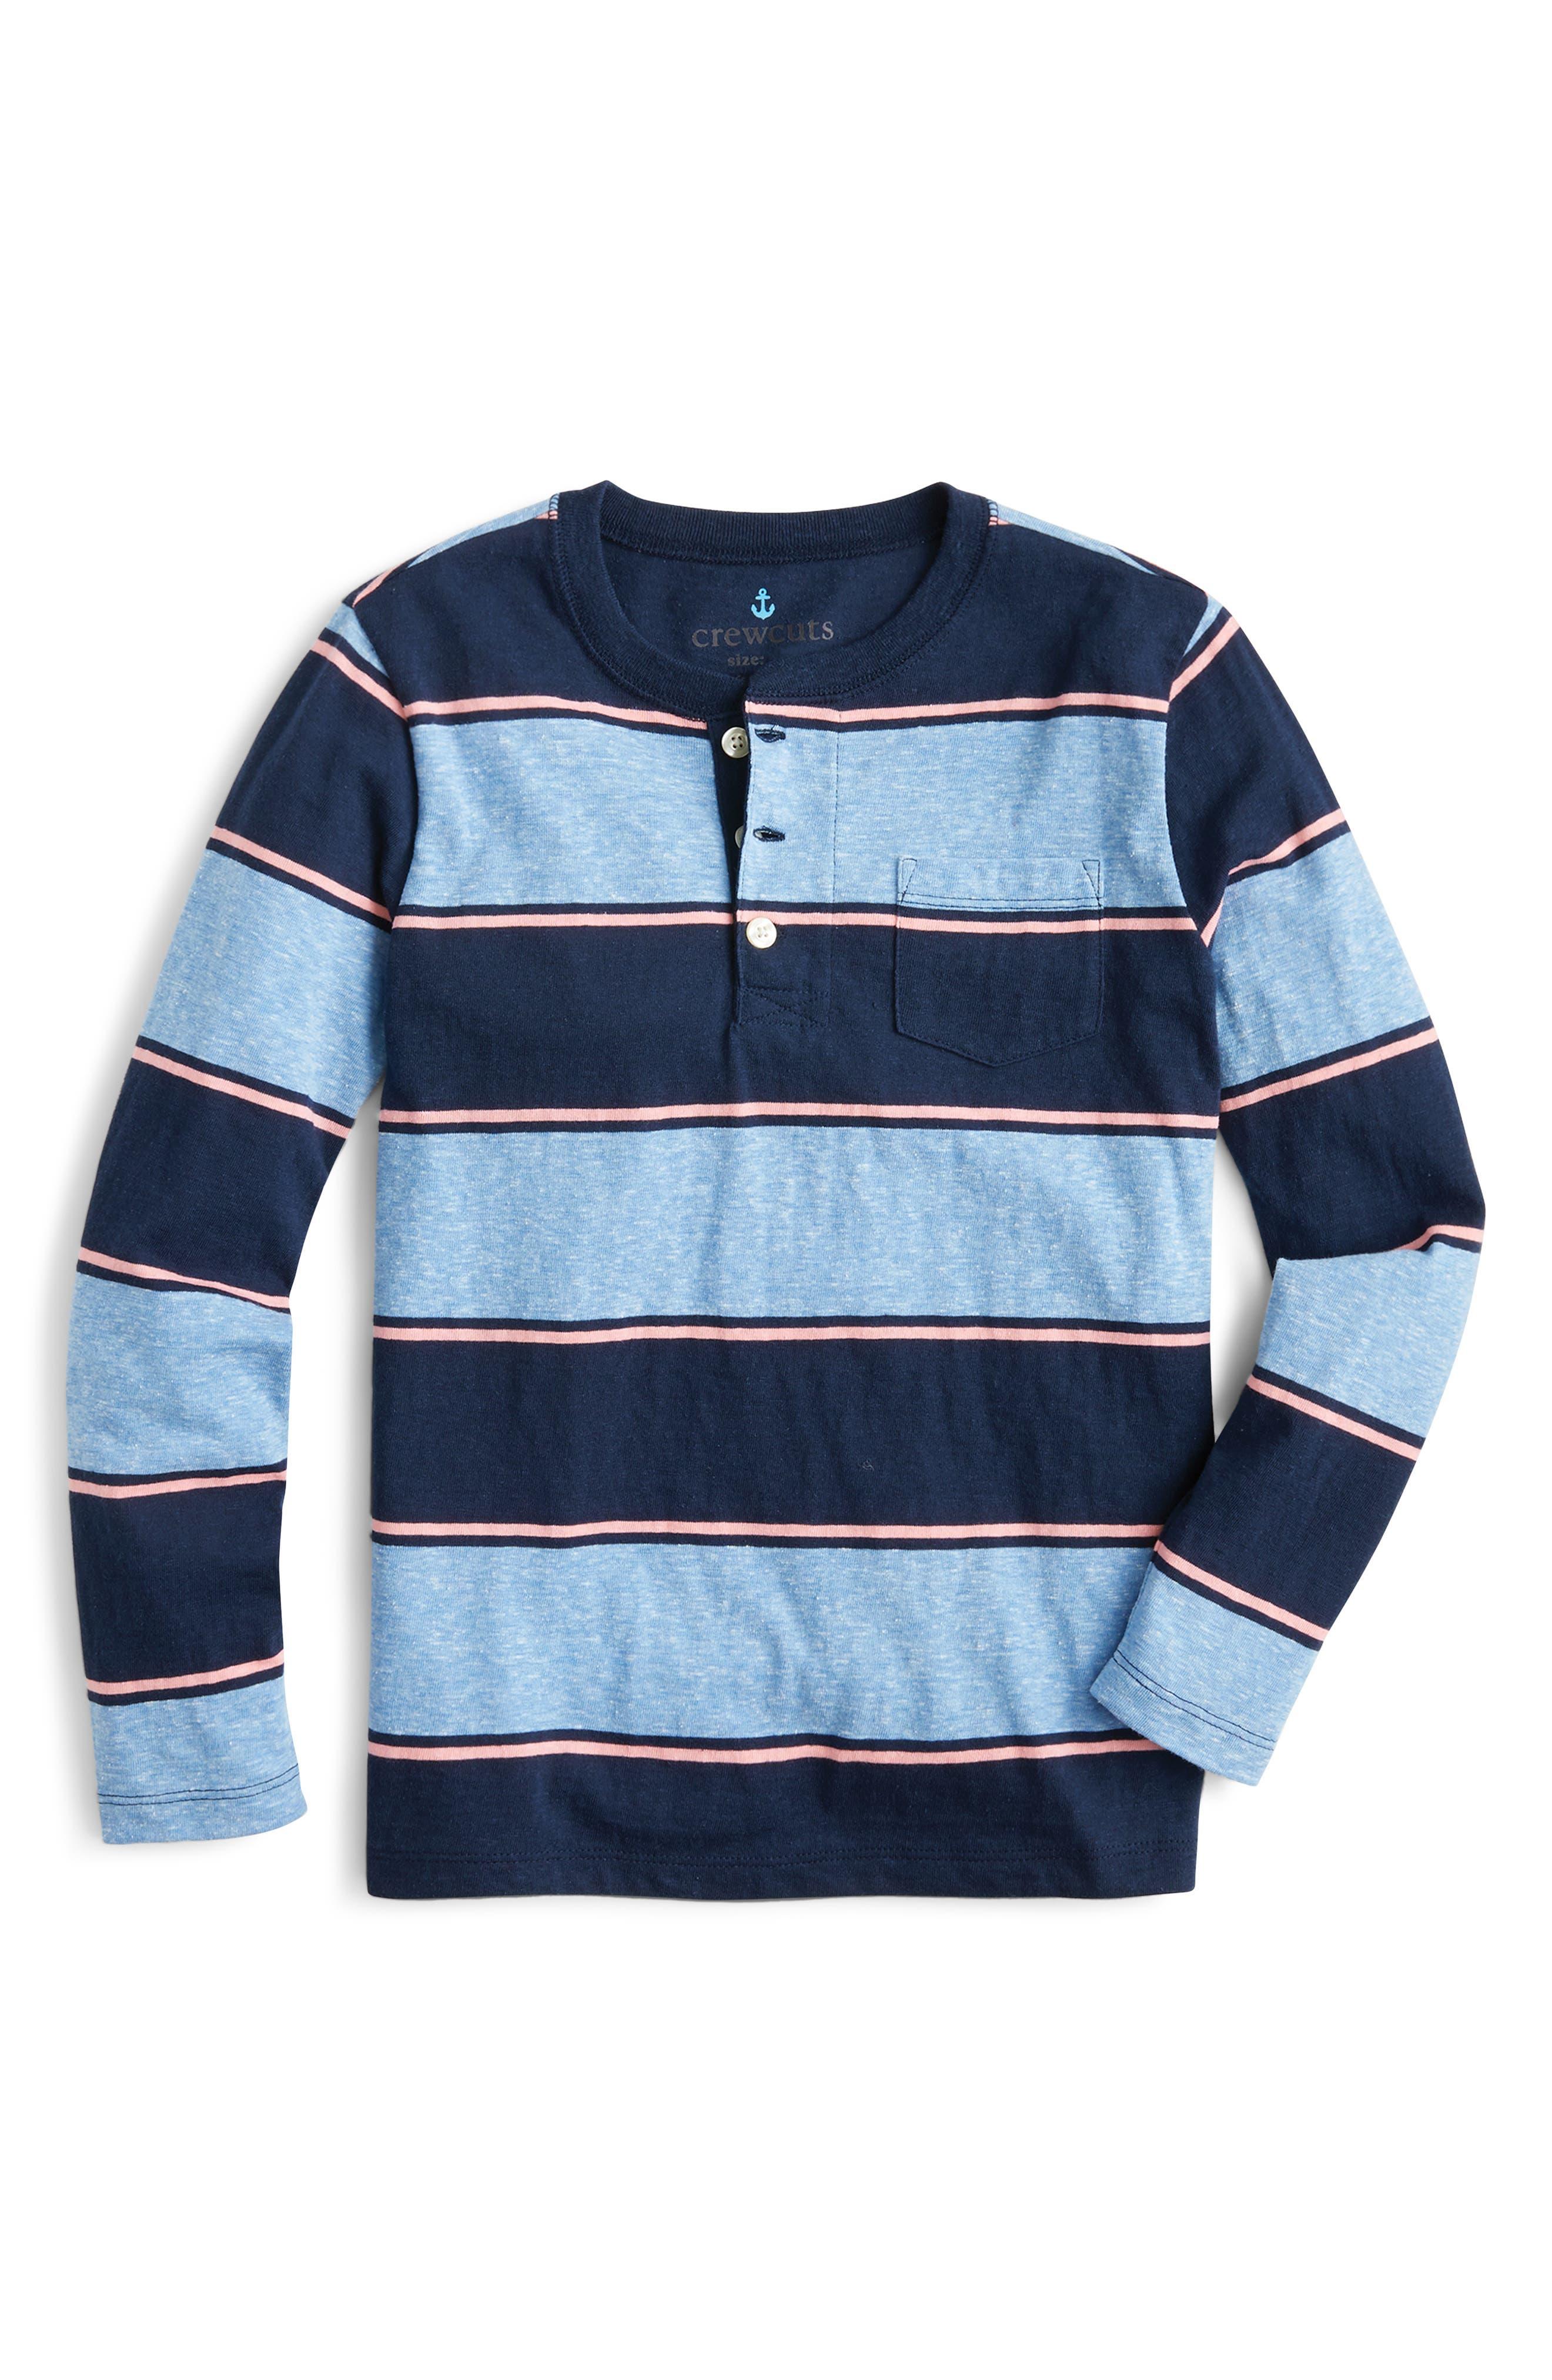 Boys Crewcuts By Jcrew Stripe Long Sleeve Henley Shirt Size 16  Blue